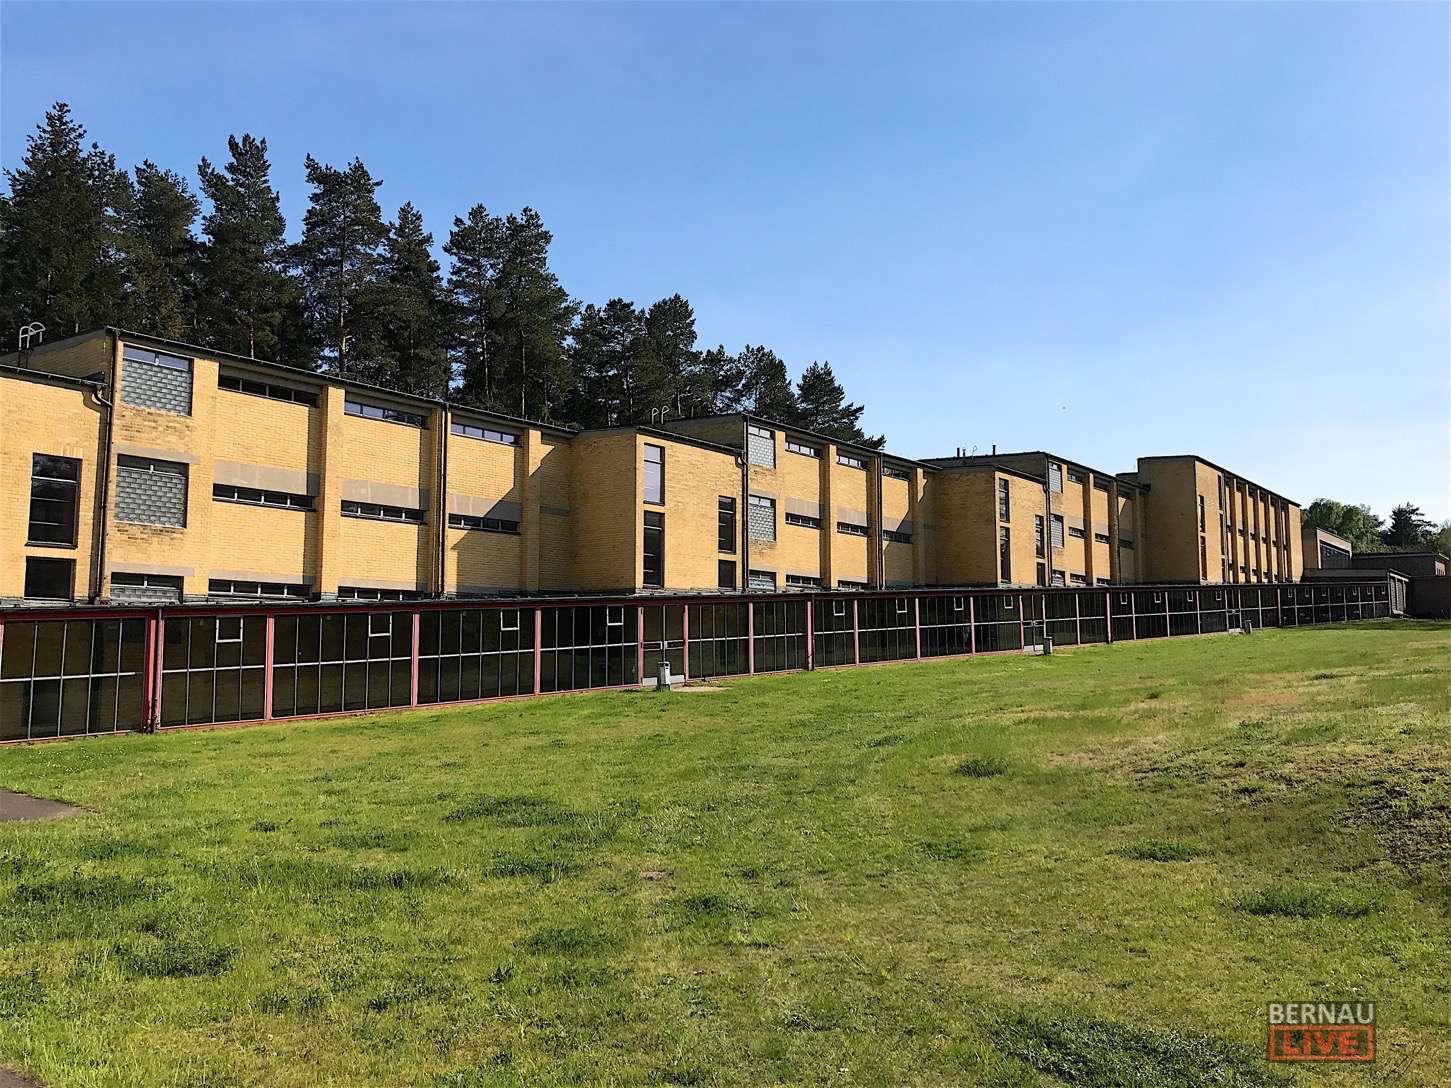 Bauhaus Oranienburg bernau auszeichnung und 670 000 förderung für bauhaus denkmal